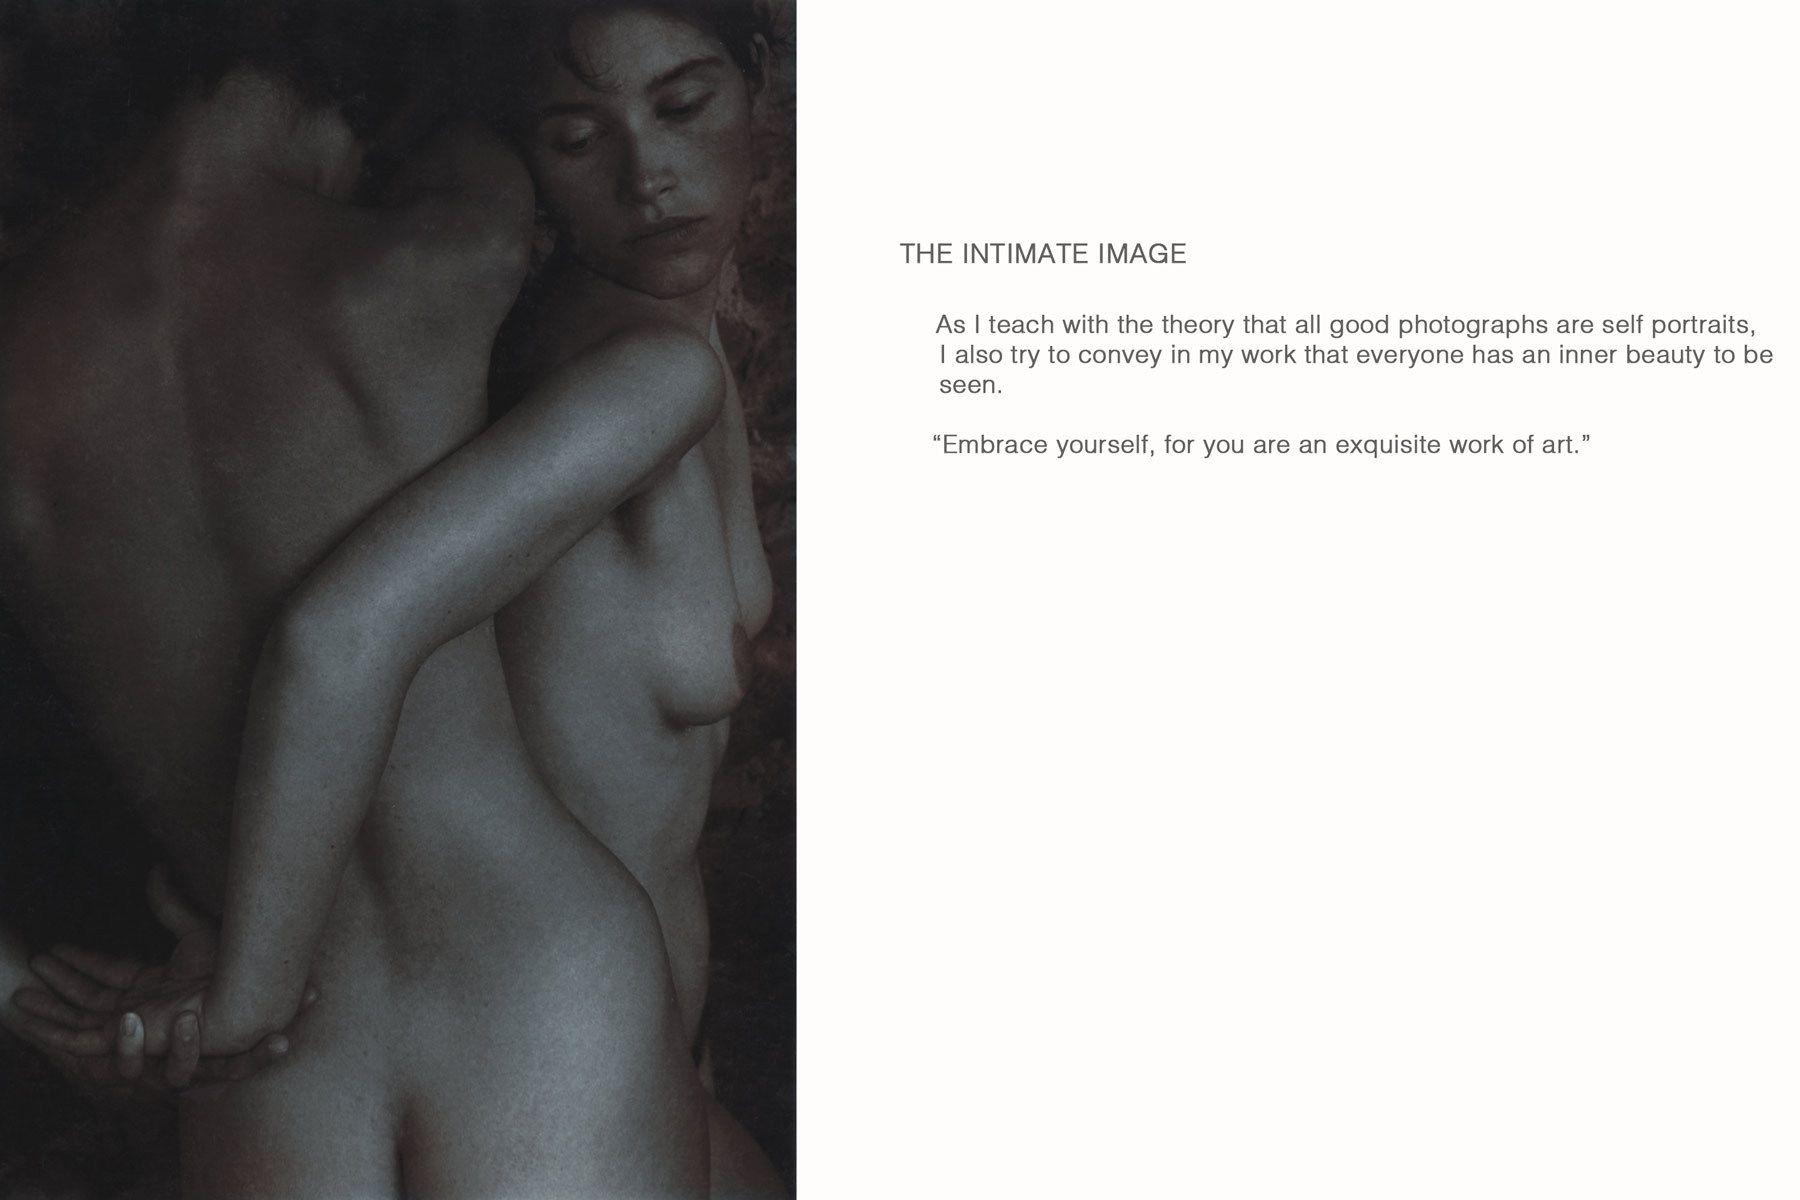 1intimate_image_the_embrace__1993__tuscany.jpg